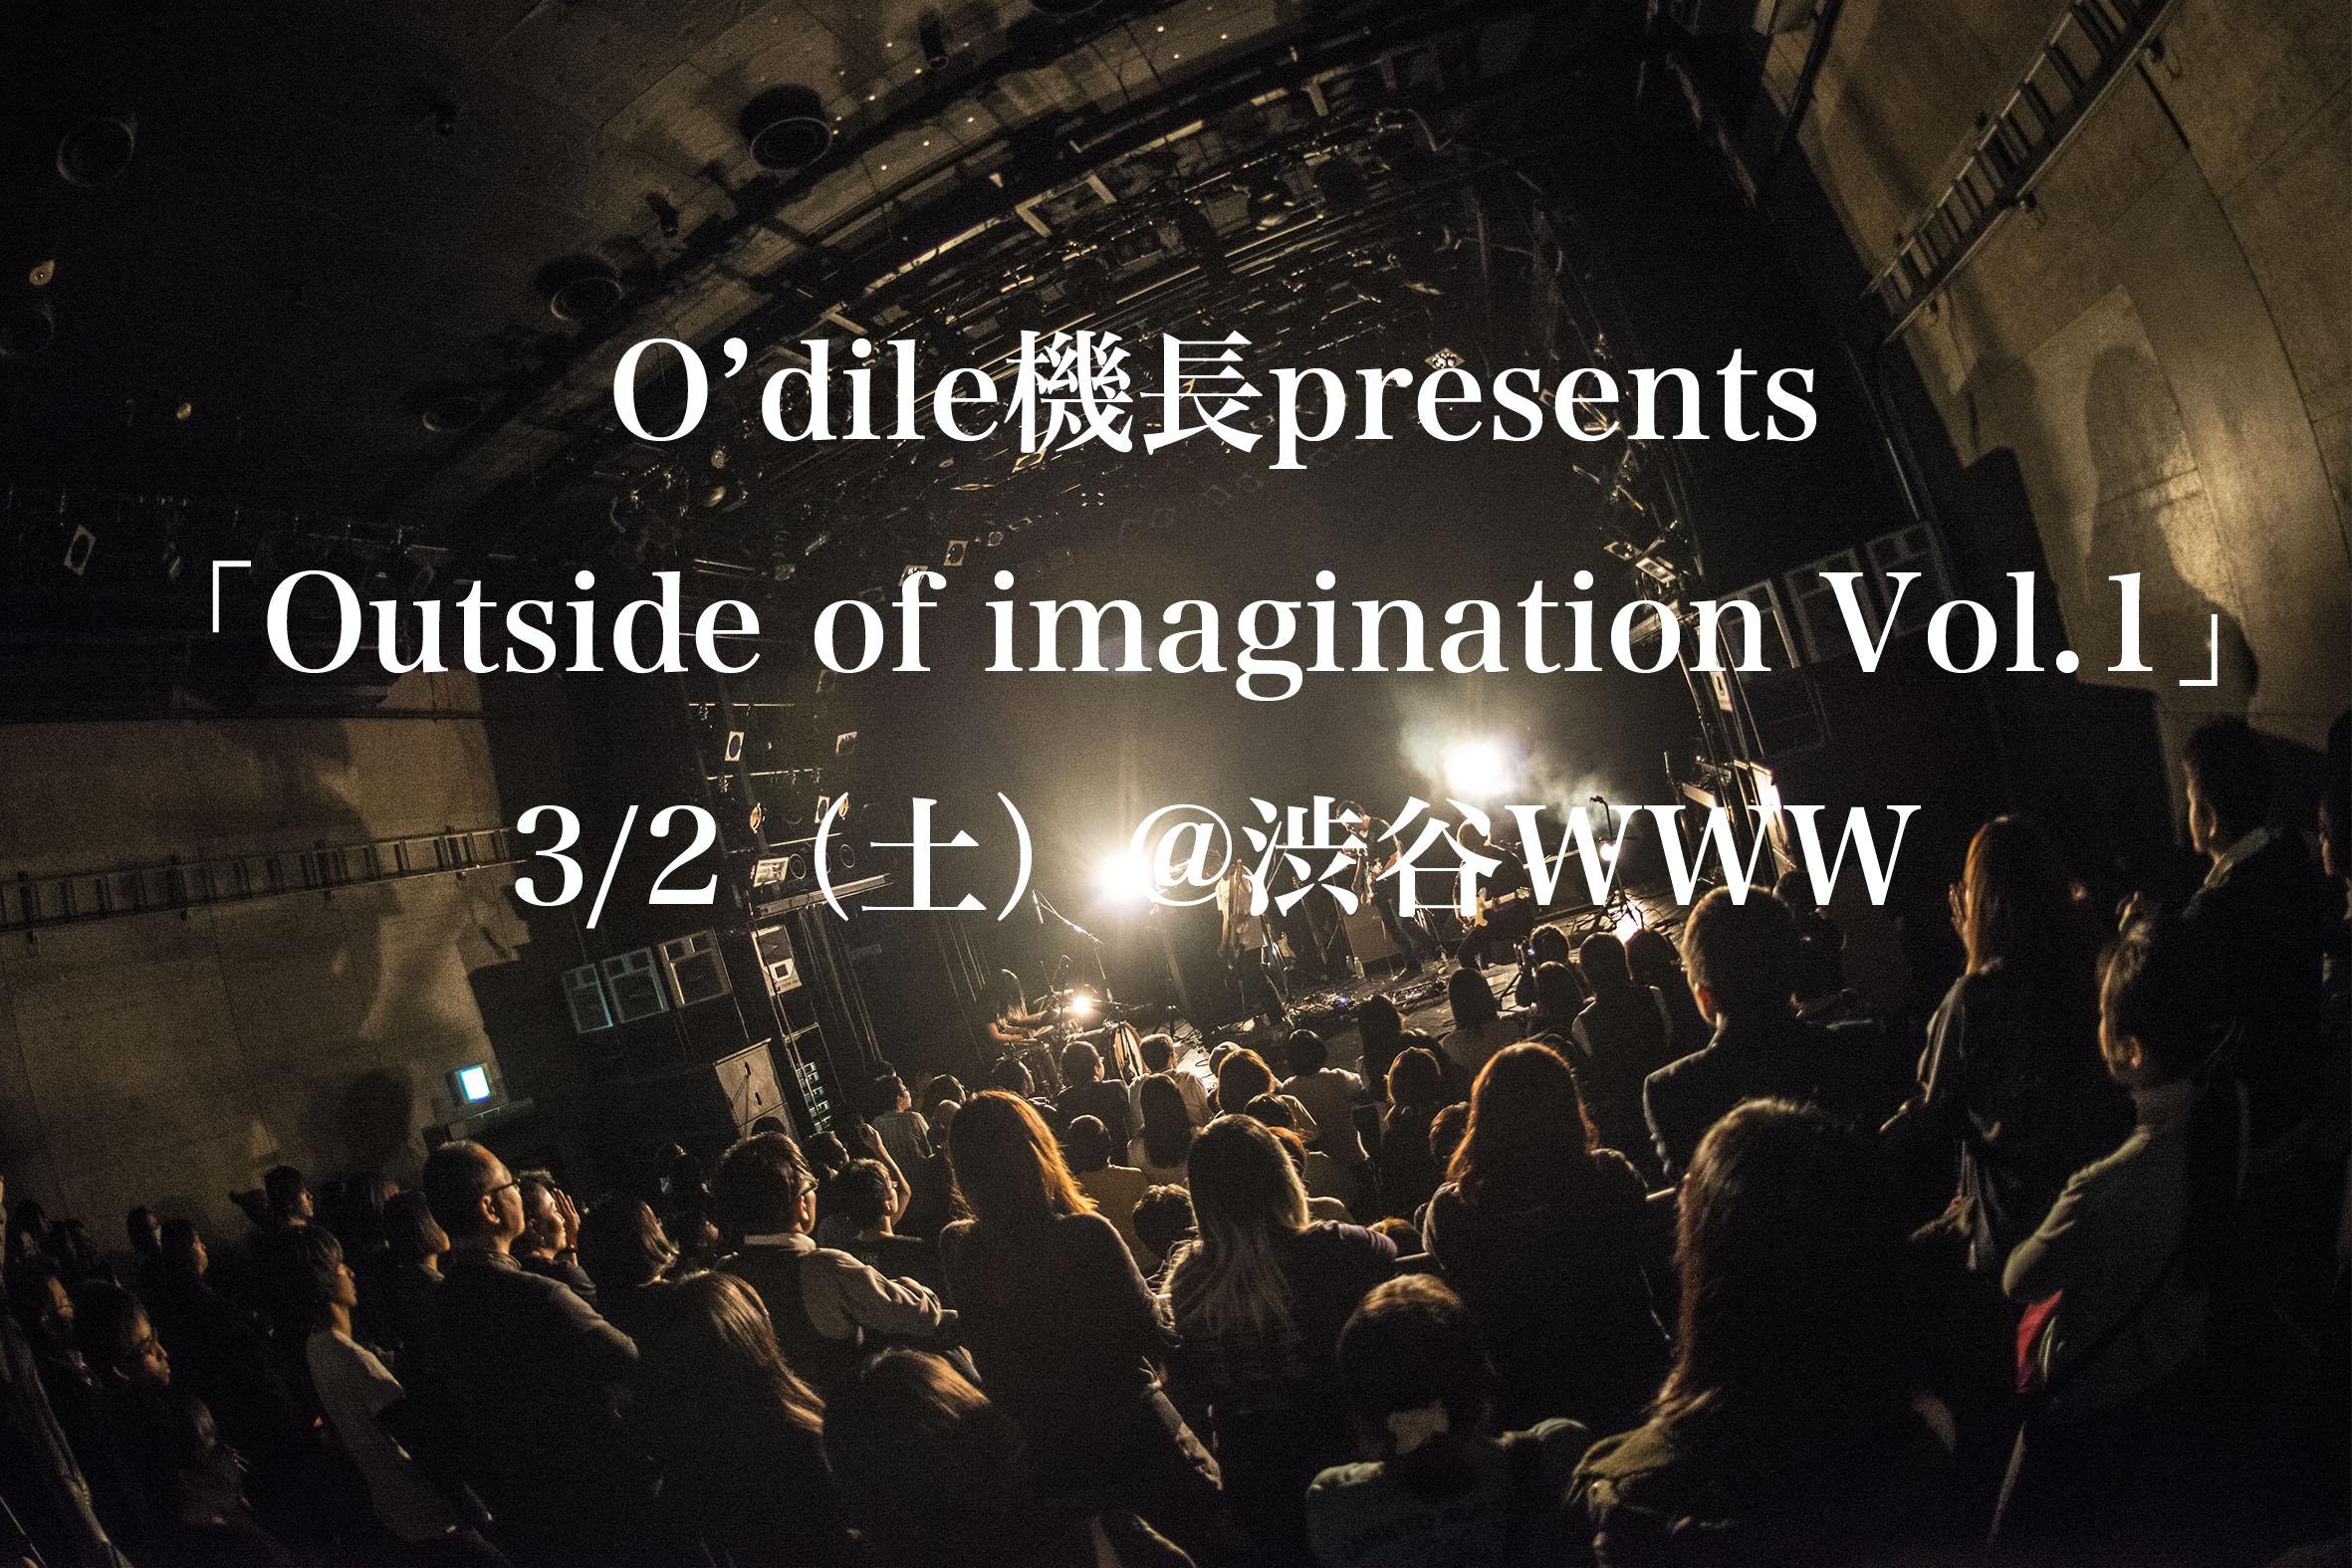 「Outside of imagination Vol.1」スペシャルキャンペーン